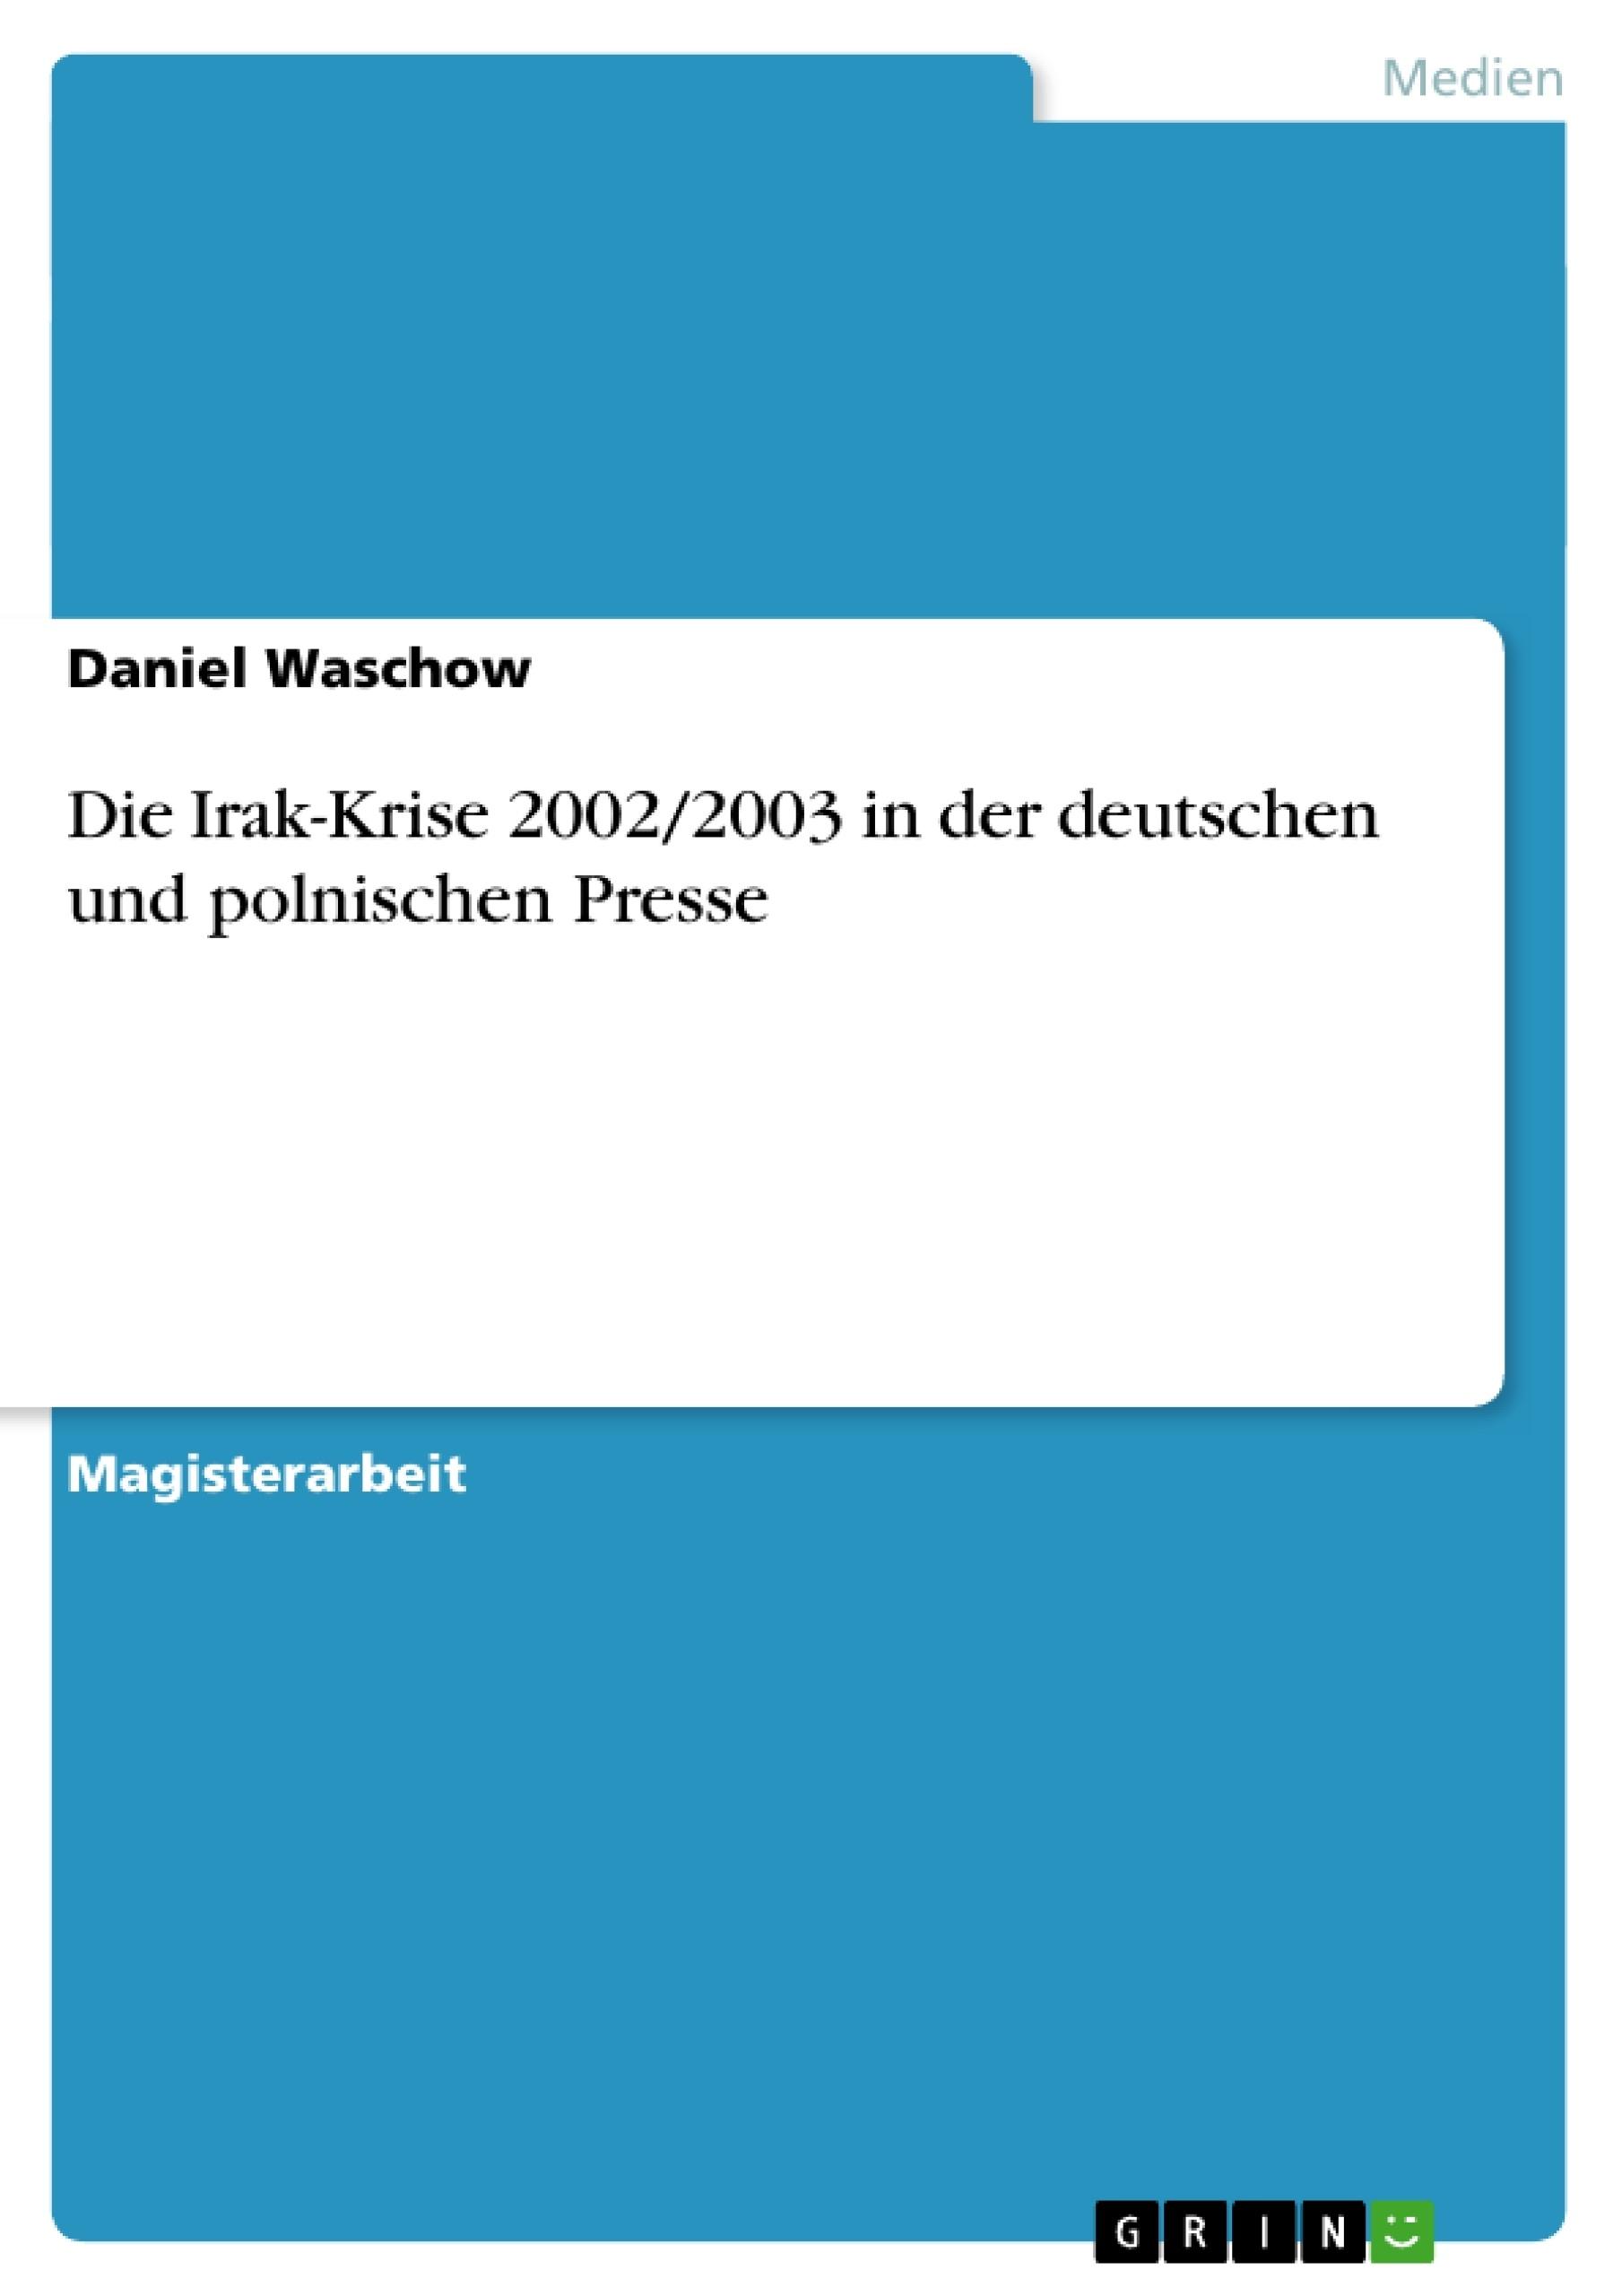 Titel: Die Irak-Krise 2002/2003 in der deutschen und polnischen Presse